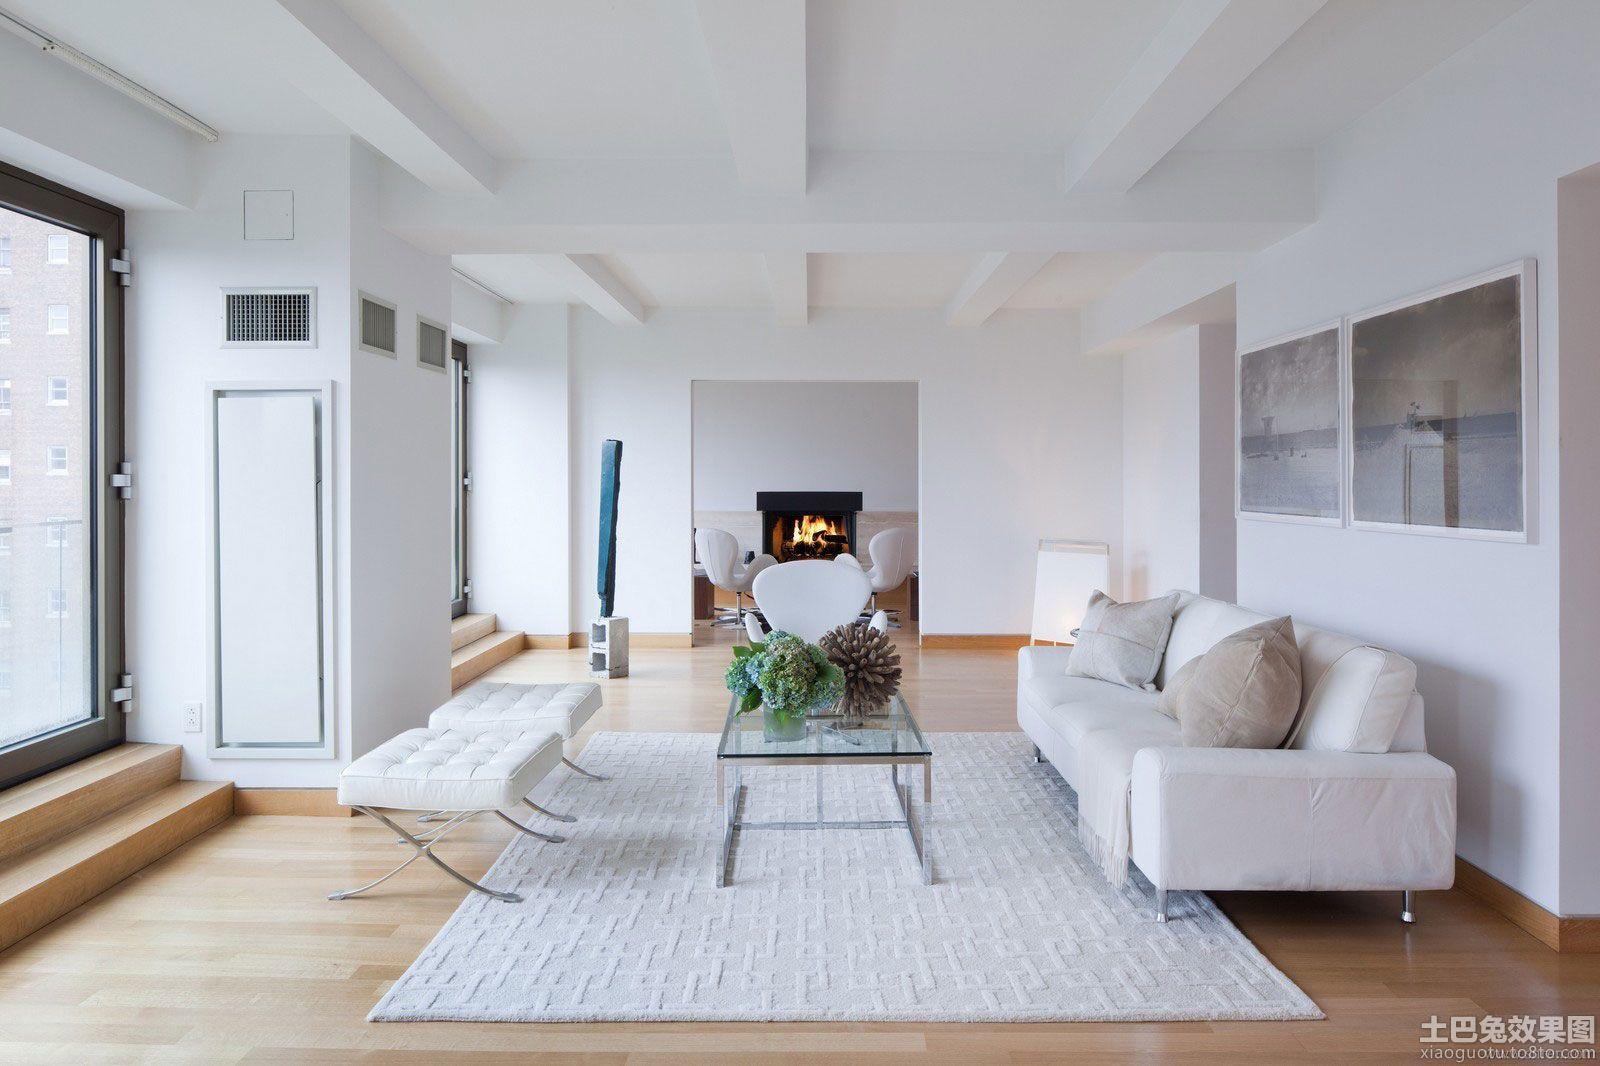 现代客厅家具摆放效果图片装修效果图